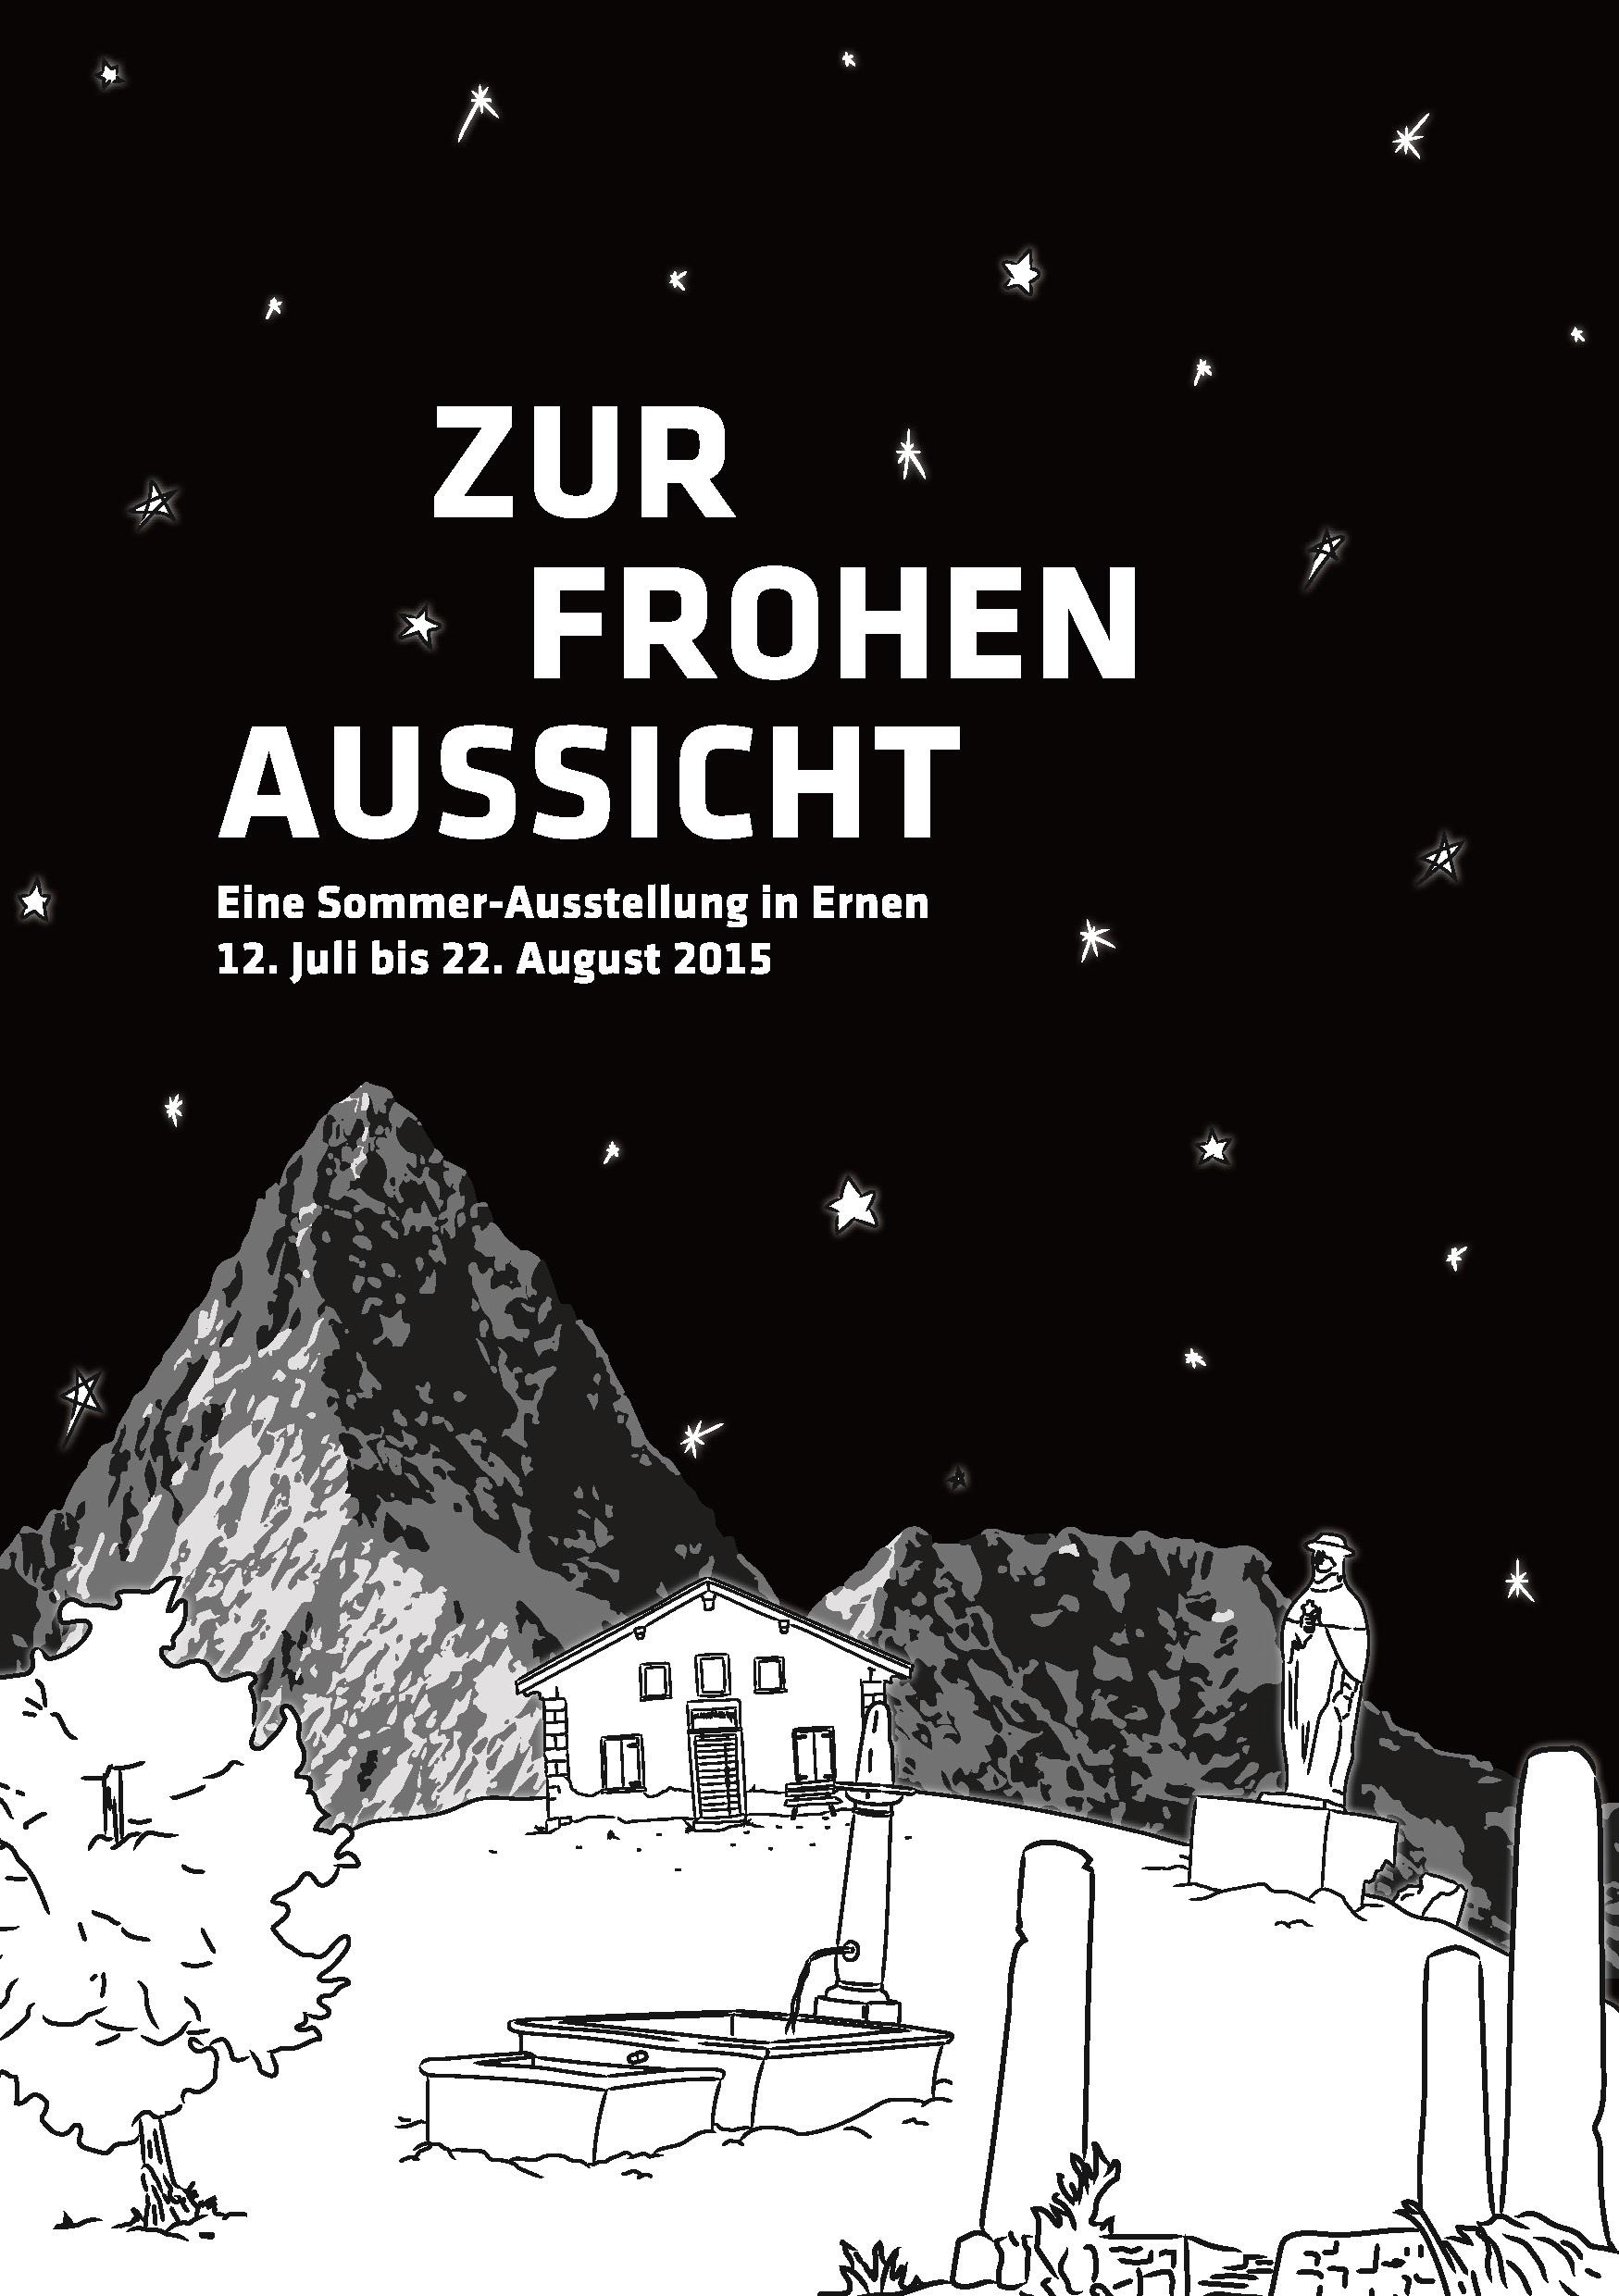 Publikation 2015 - Zur Ausstellung 2015 ist eine Broschüre erschienen. Mit Essays von Daniela Janser (Publizistin und Kulturwissenschaftlerin) und Willi Wottreng (Publizist) und Kurztexten zu den ausgestellten Werken von Josiane Imhasly. Die Broschüre kann für Fr. 5.– plus Versandkosten bestellt werden.